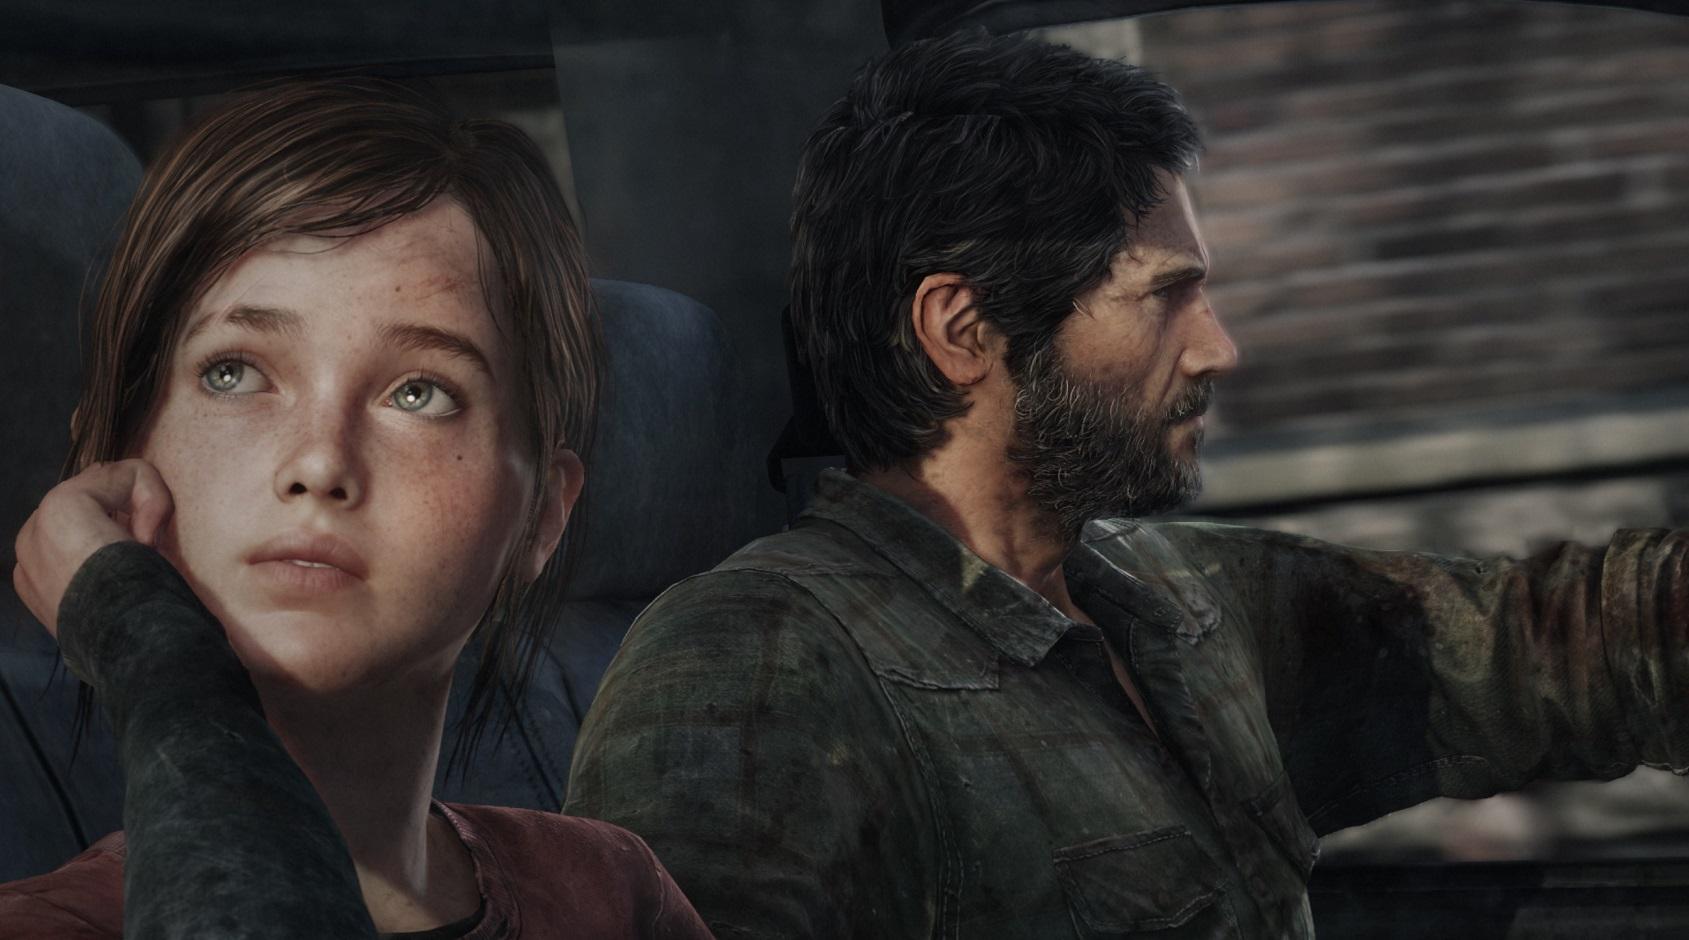 PS4 Pro: Framerate-Einbrüche – Manche Top-Titel zeigen schlechtere Performance als auf der PS4 Slim